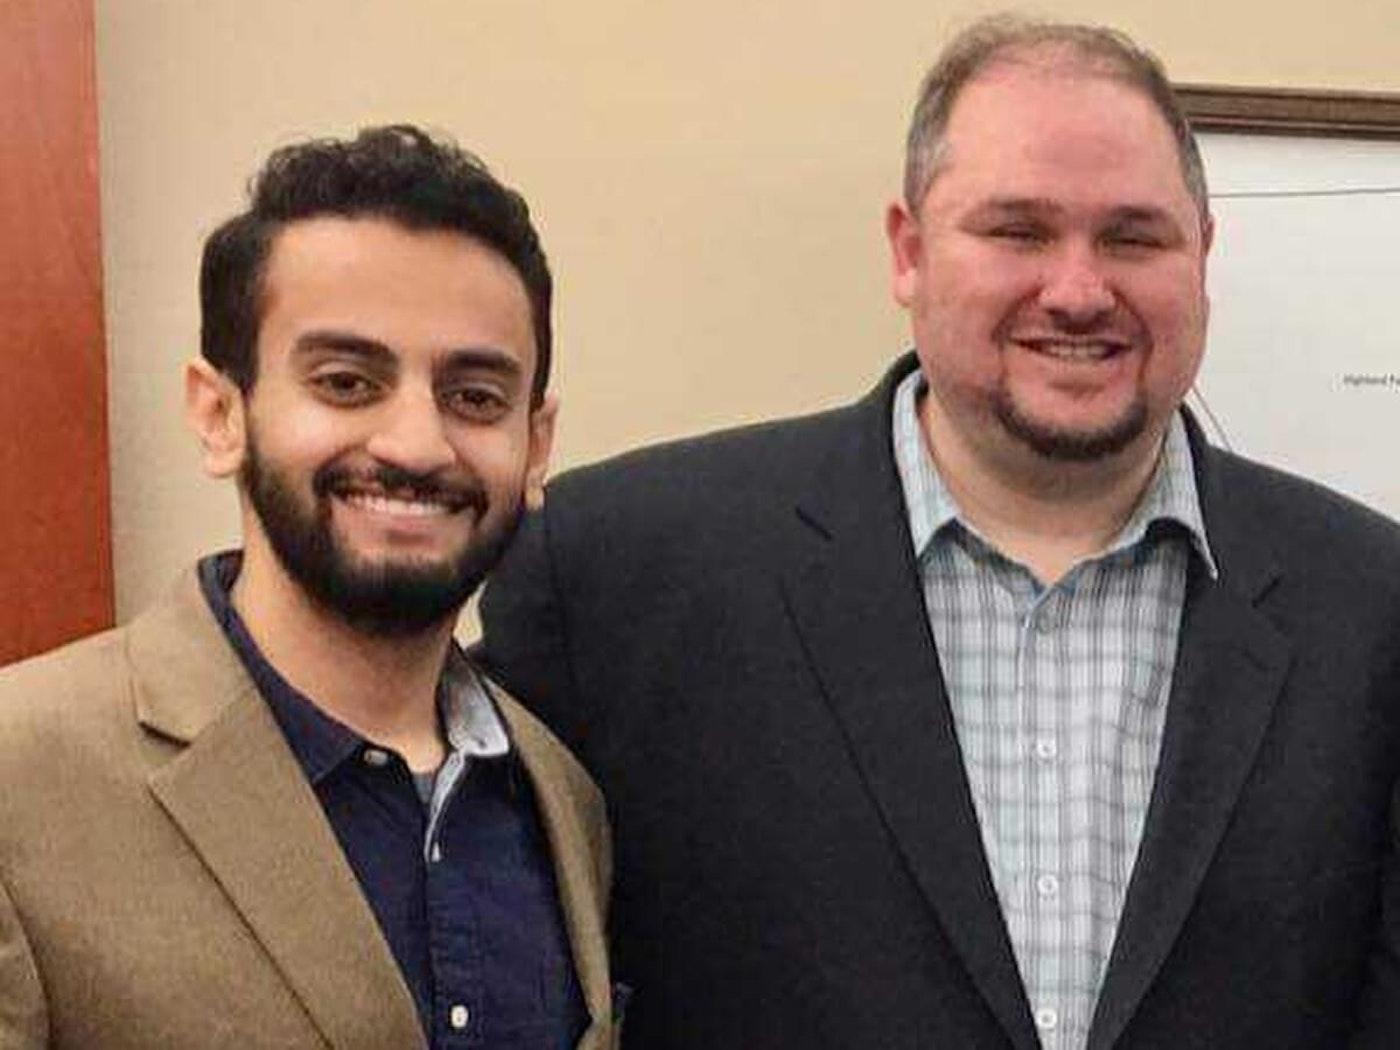 Abraham Ayiash and Isaac Robinson. Photo courtesy Abraham Aiyash.